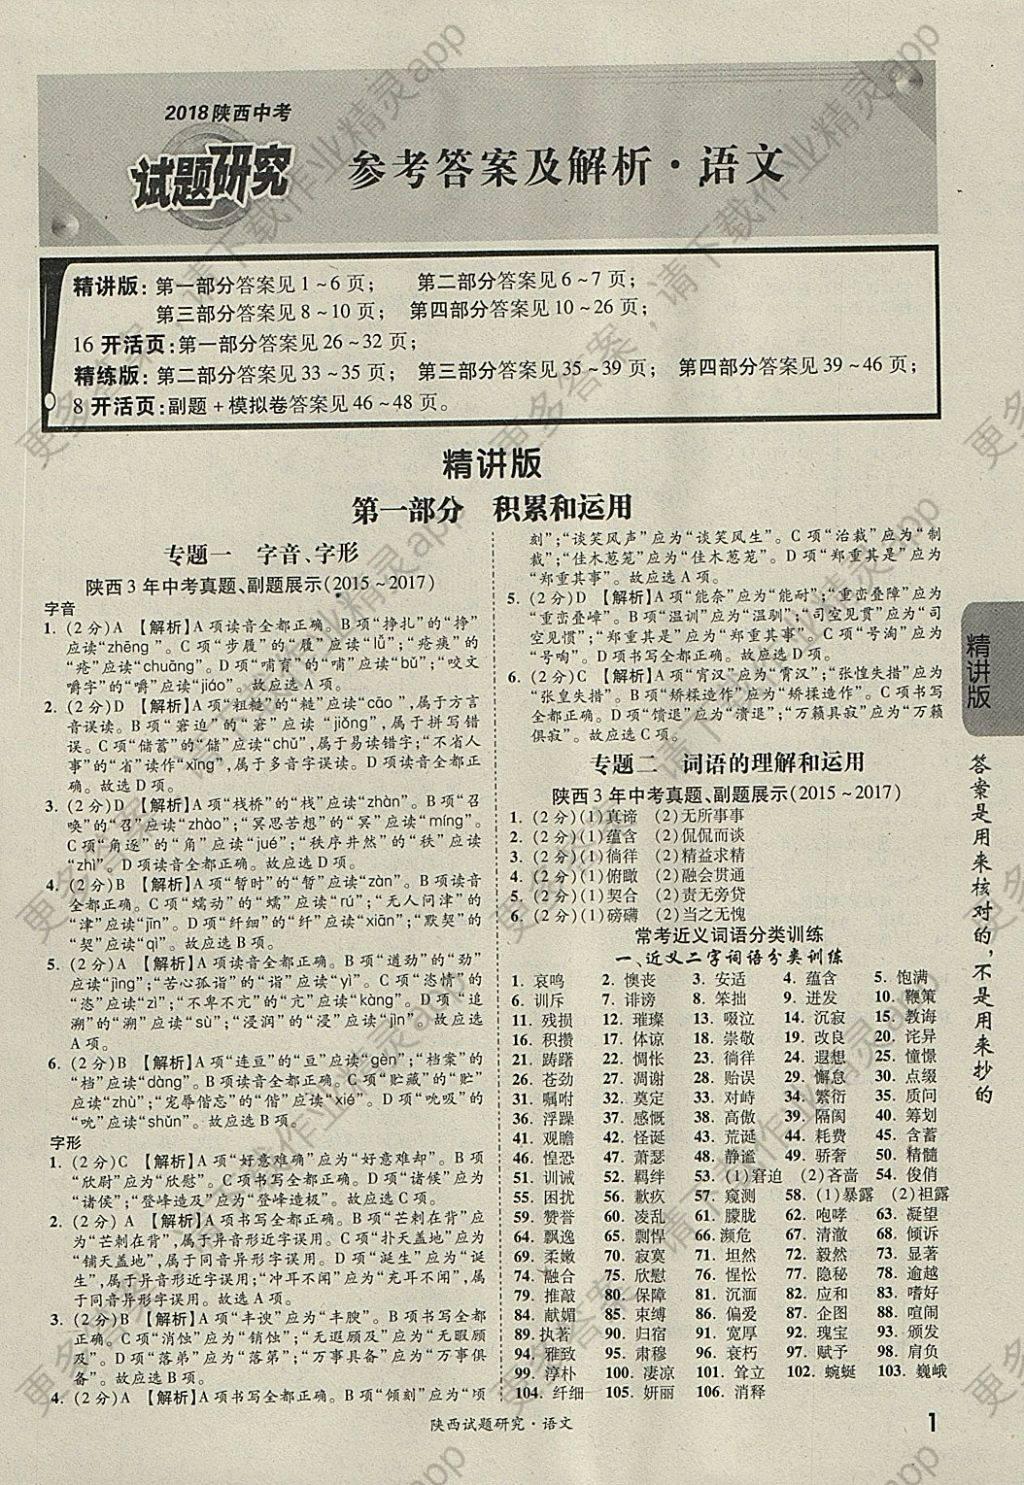 2018年陕西省中考试题研究满分特训方案语文